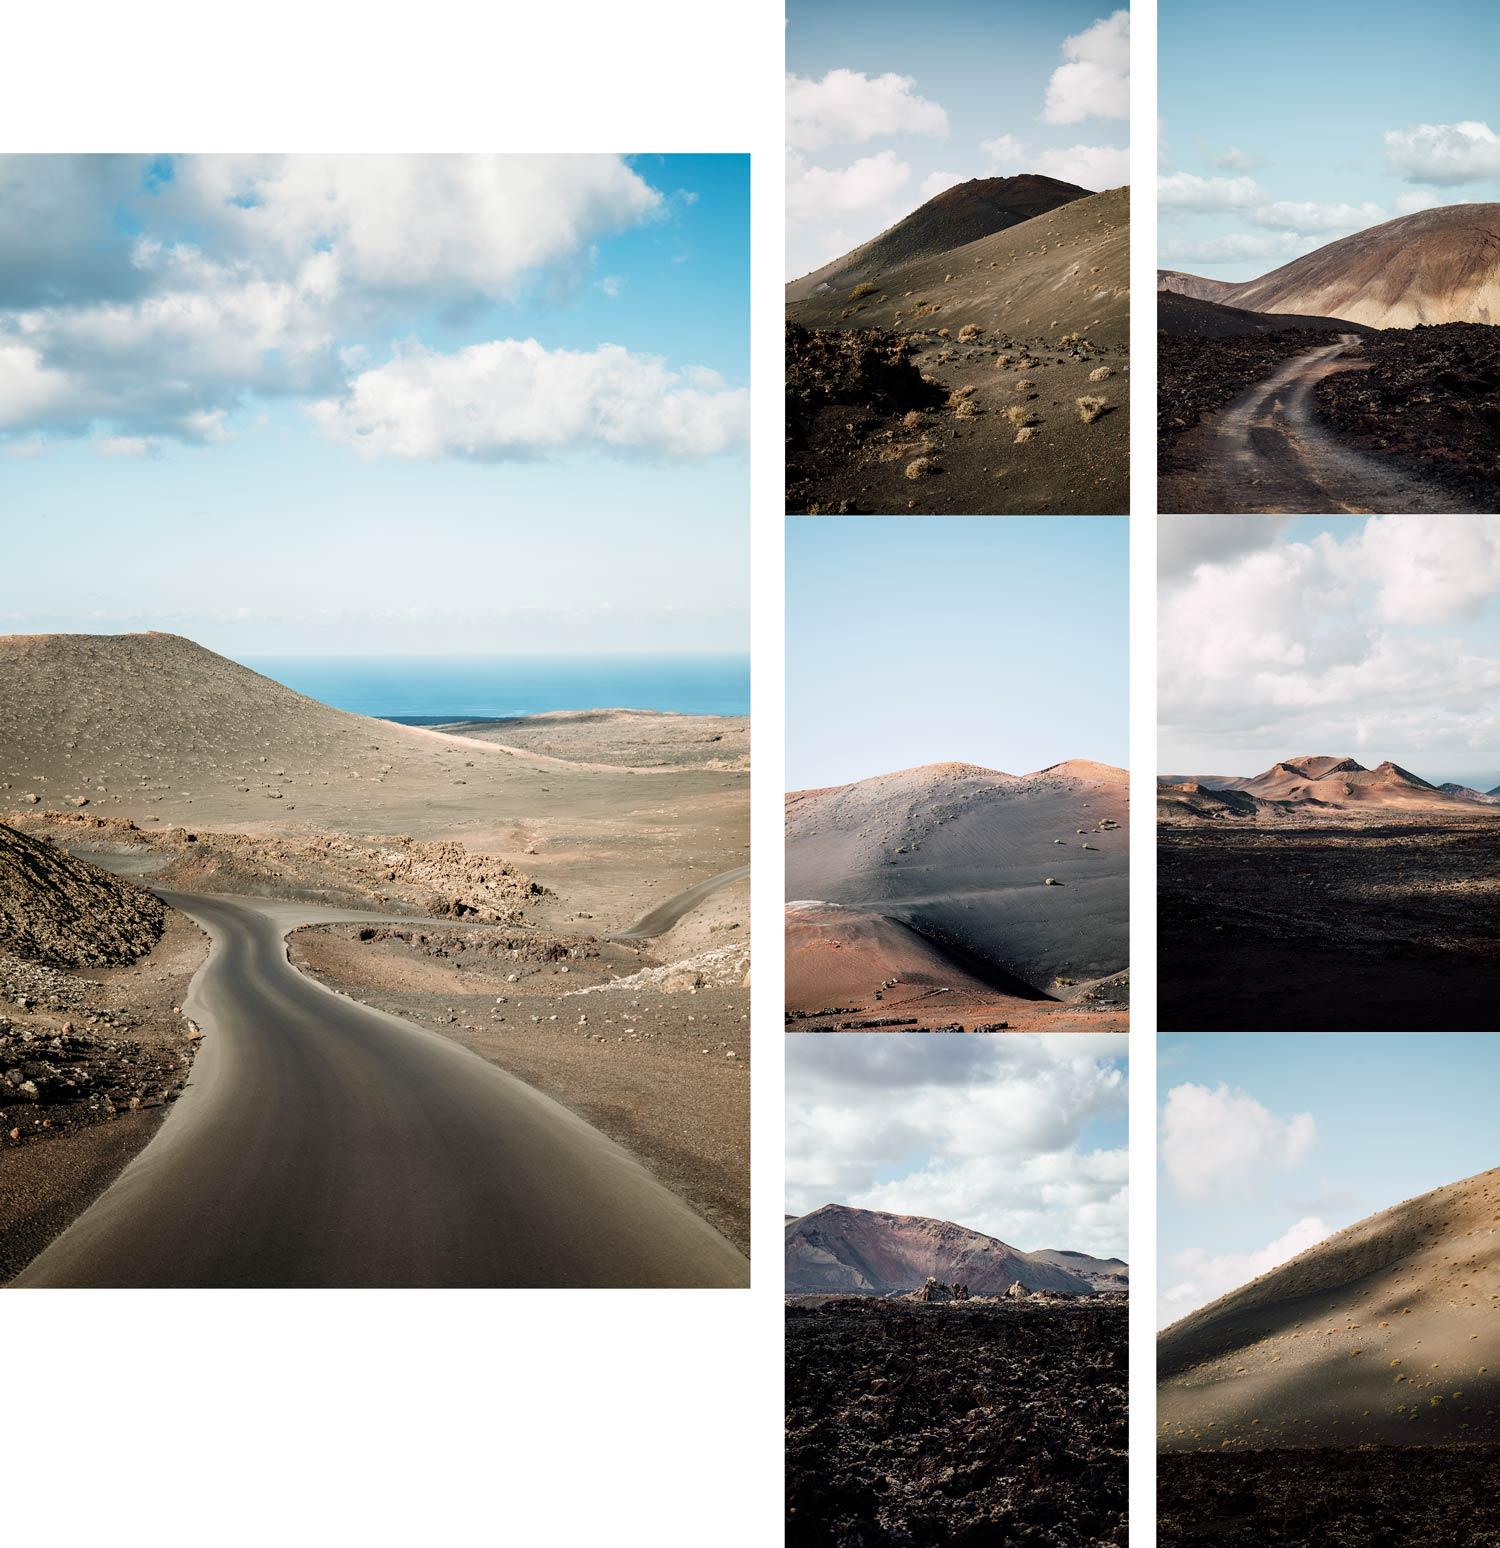 les paysages volcaniques de l'ile de lanzarote